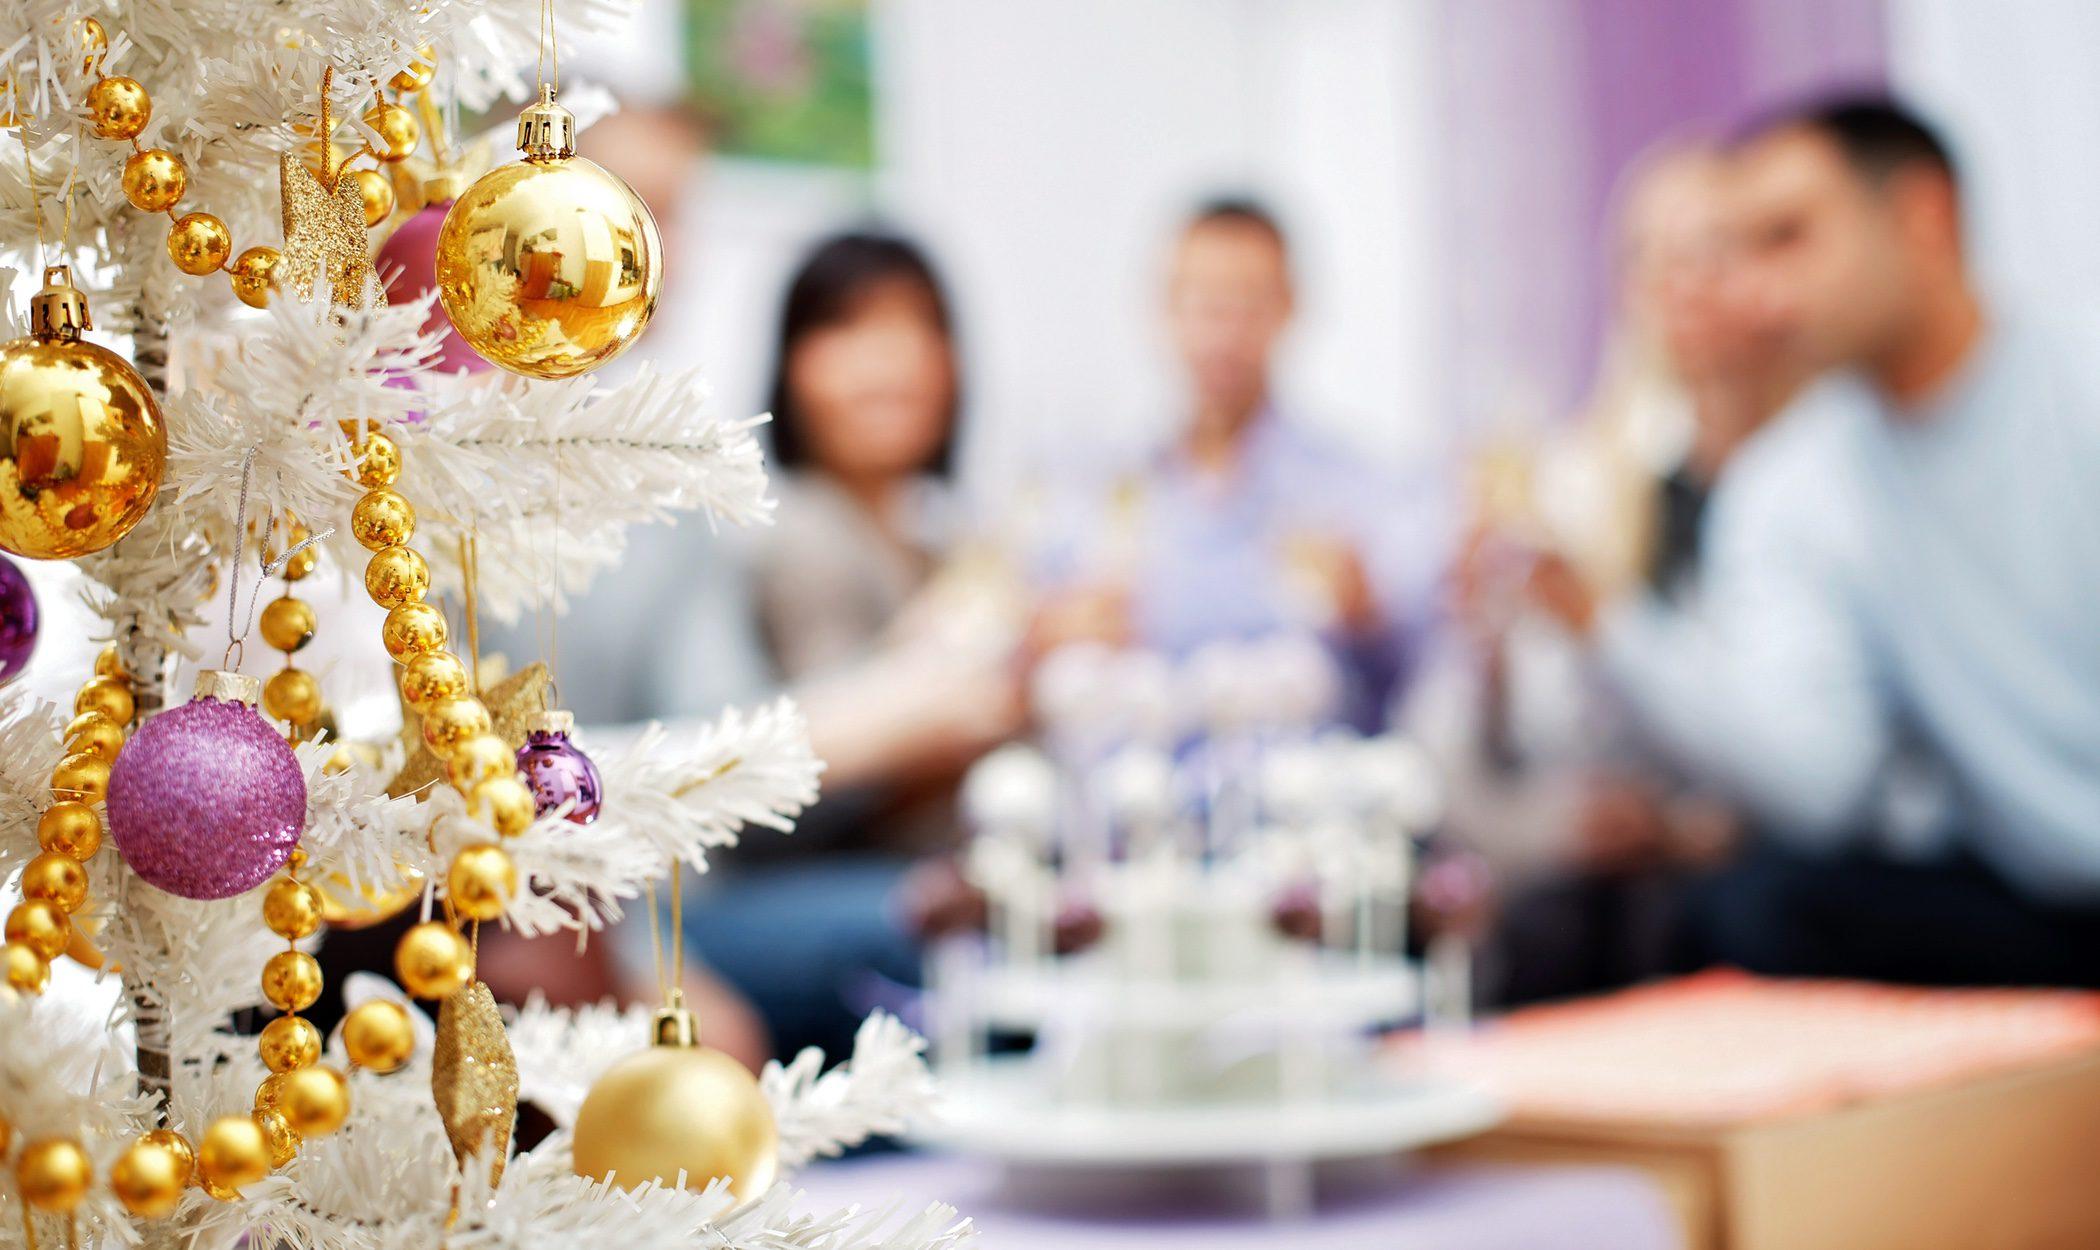 Me agobian las reuniones familiares: ¿qué puedo hacer?